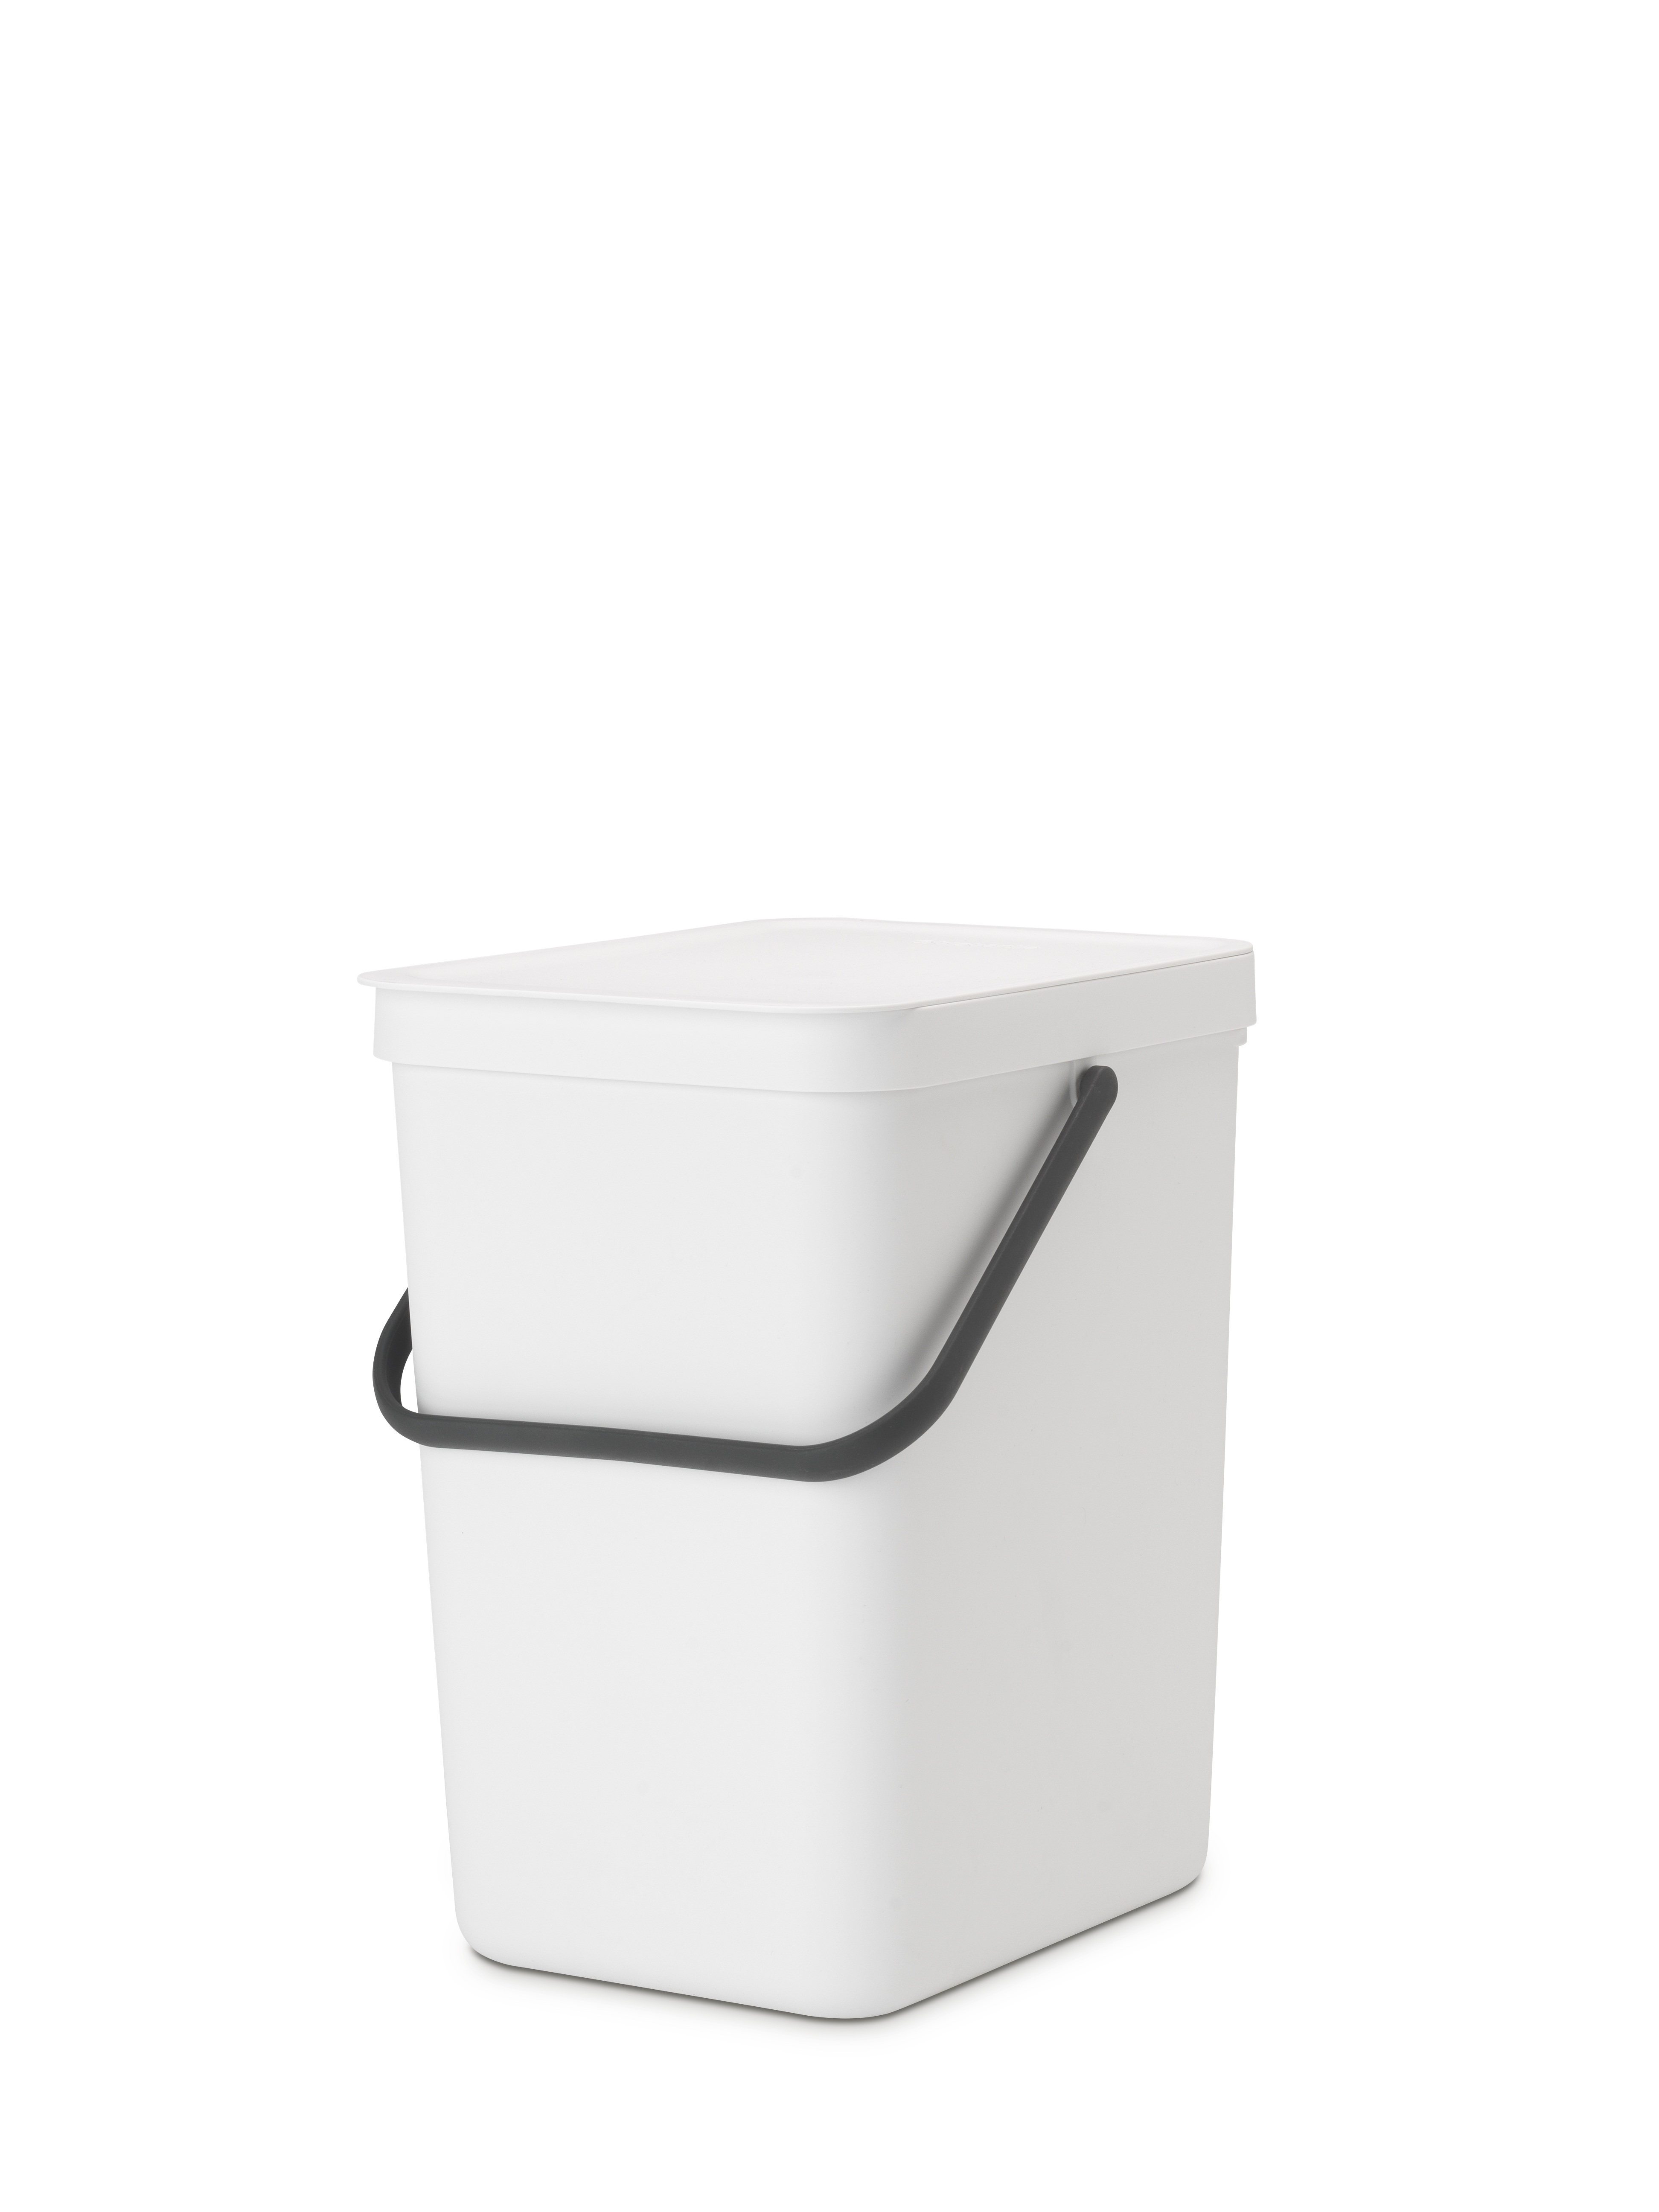 Sort & Go Avfallshink Vit 25 liter